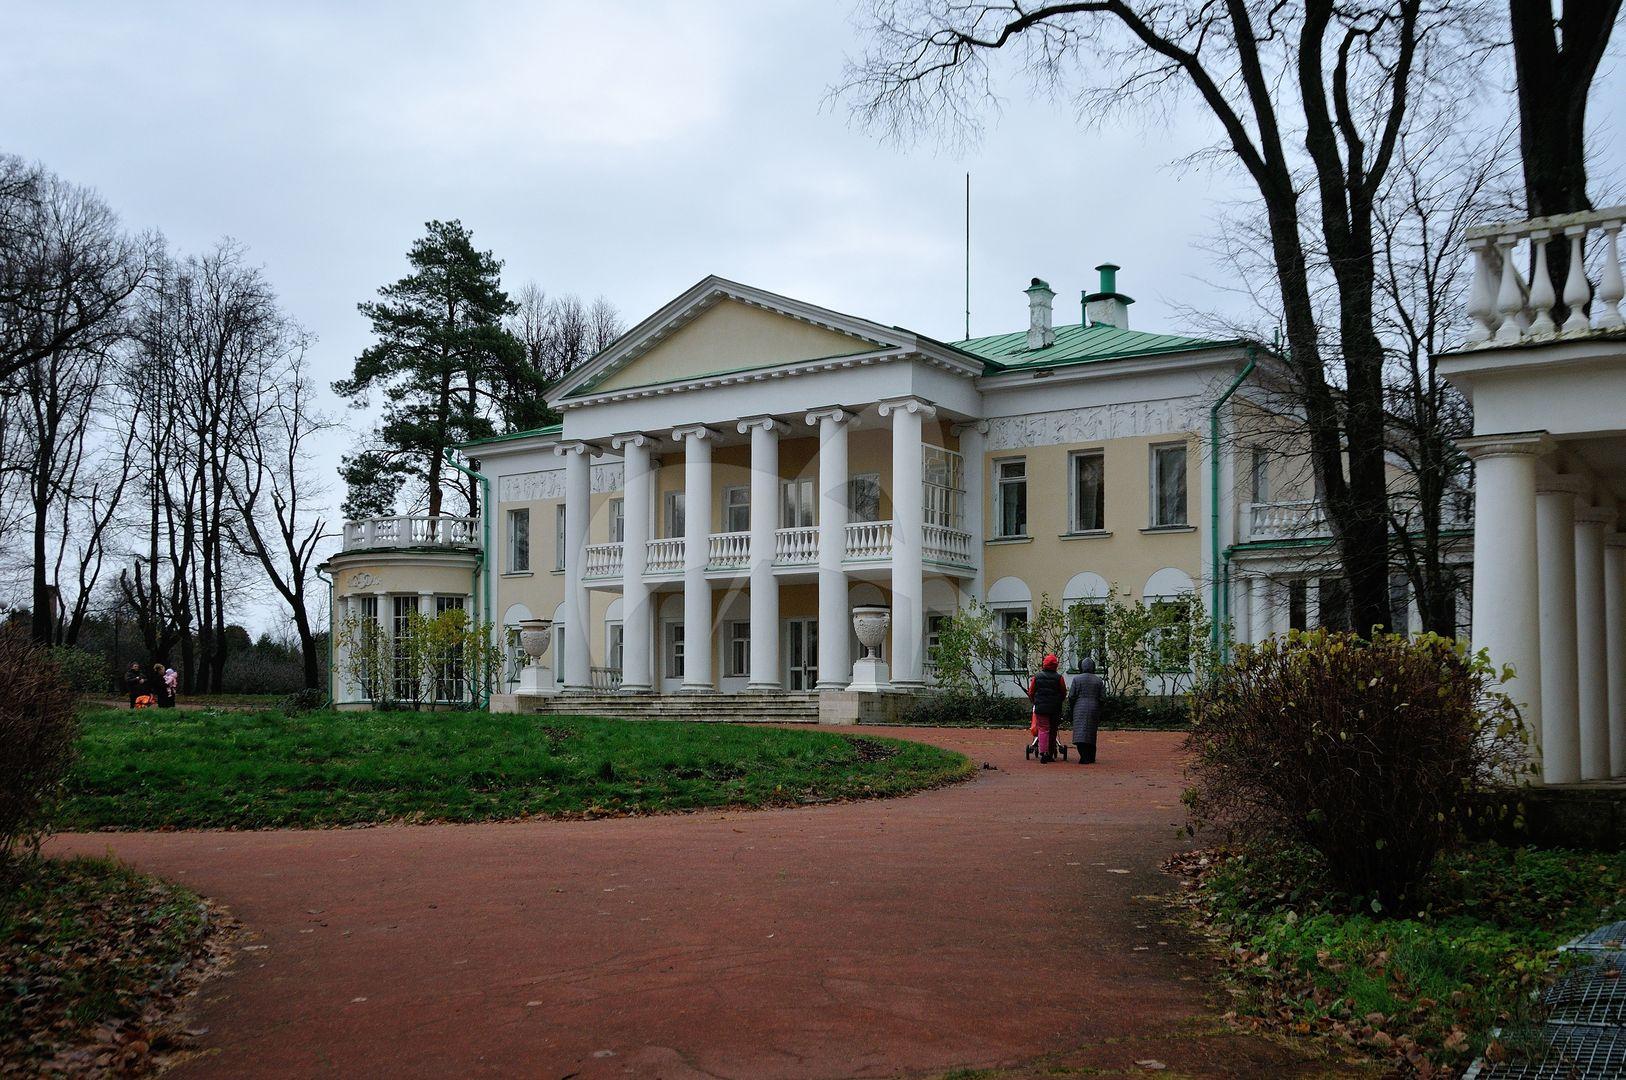 Главный дом, ансамбль усадьбы Горки Ленинские, ХIХ в.